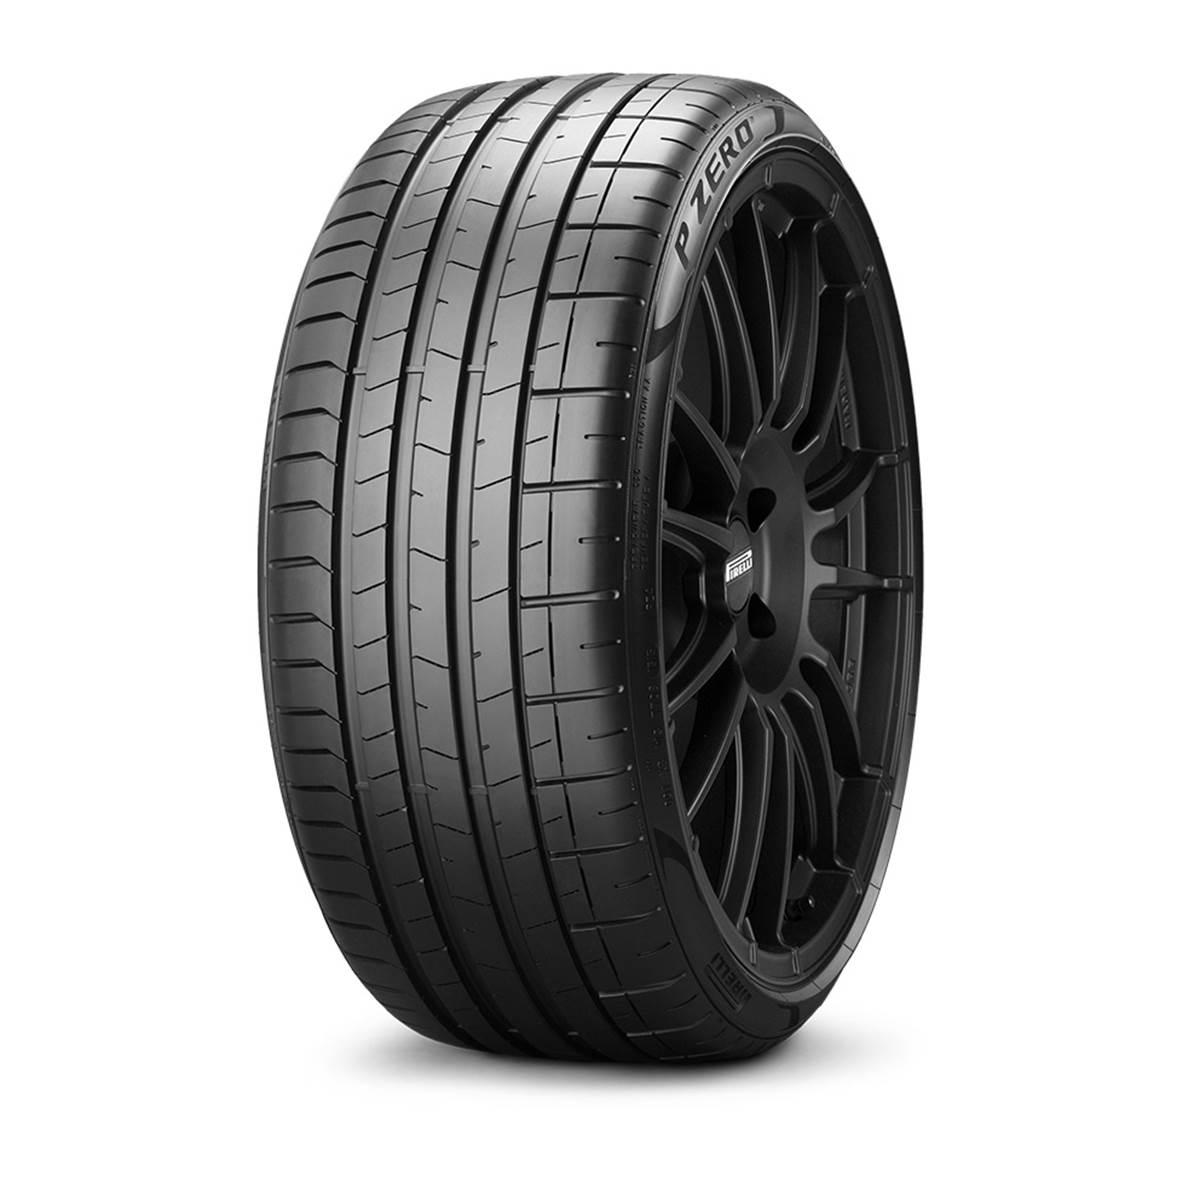 Pneu Runflat Pirelli 245/35R18 88Y Pzero